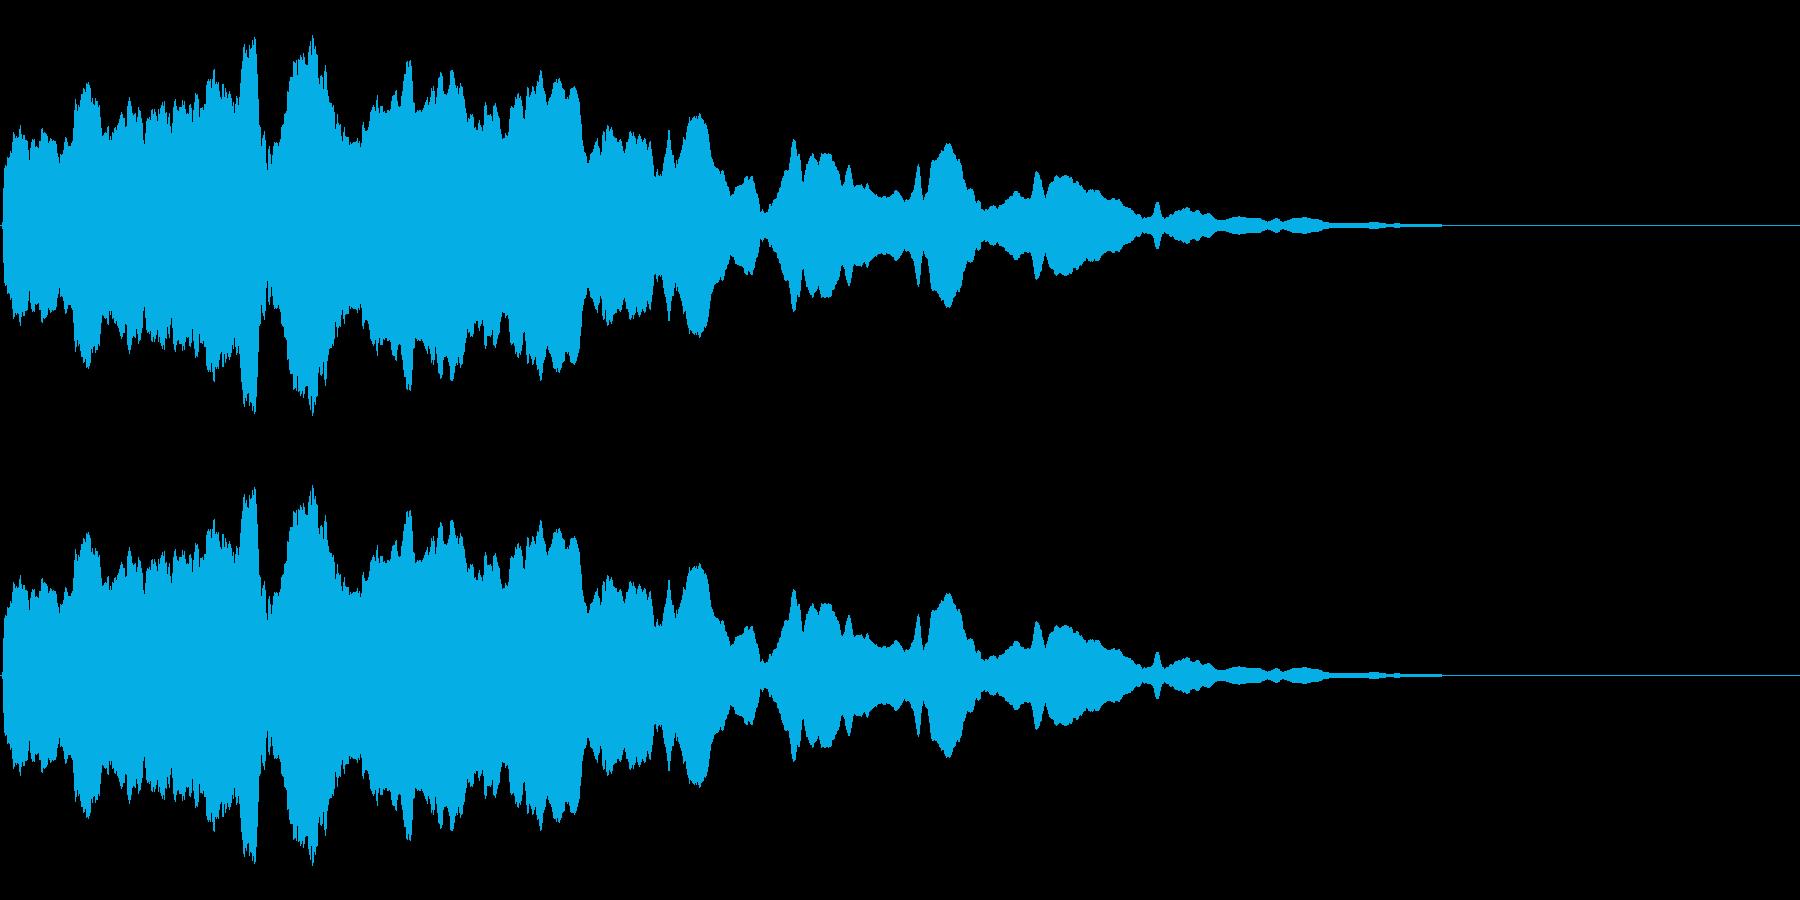 スライド笛/落下/下手っぴ/カートゥーンの再生済みの波形